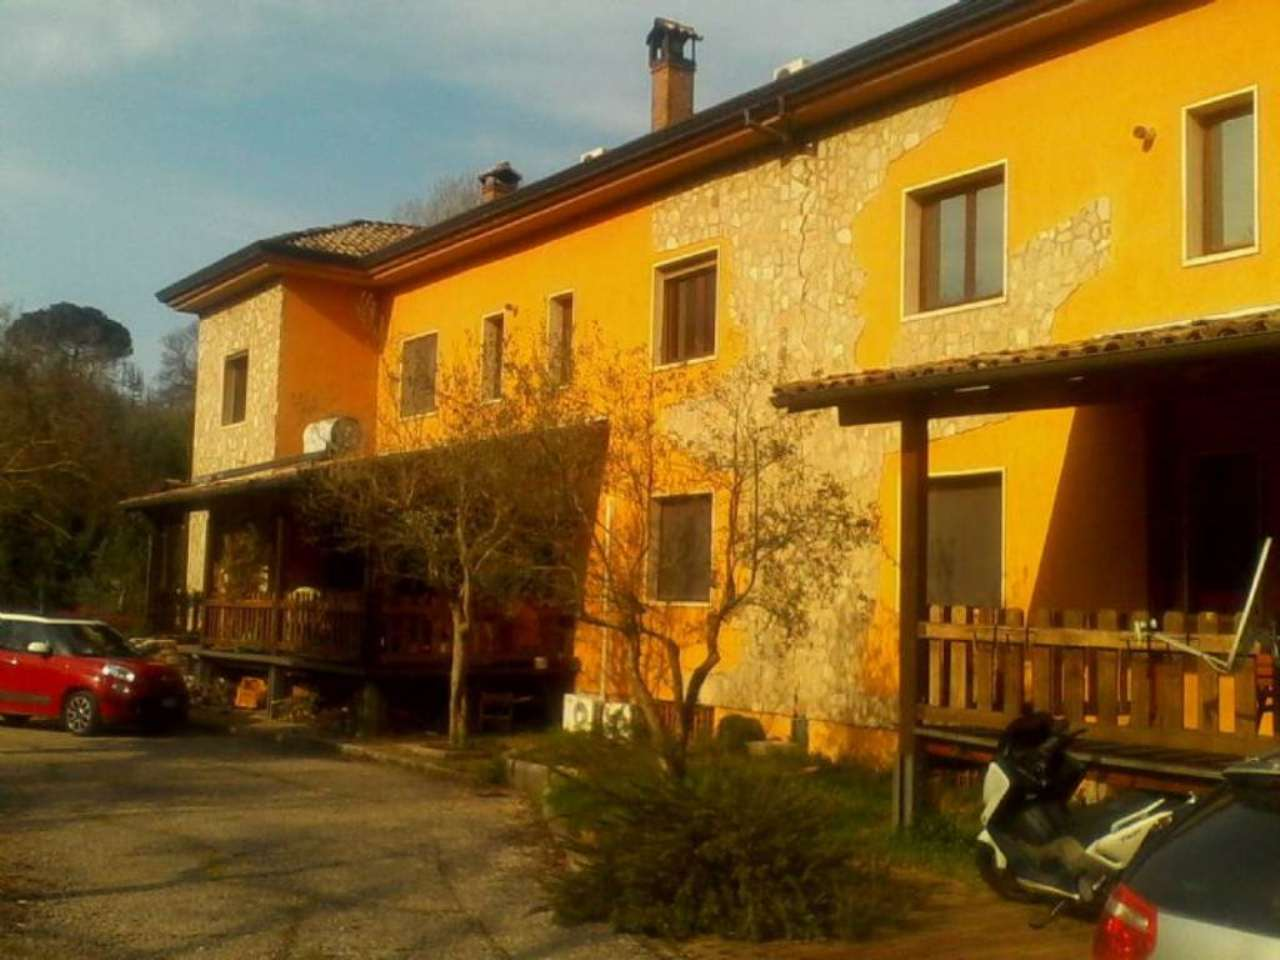 Bilocale Avellino Via Contrada Bagnoli 3